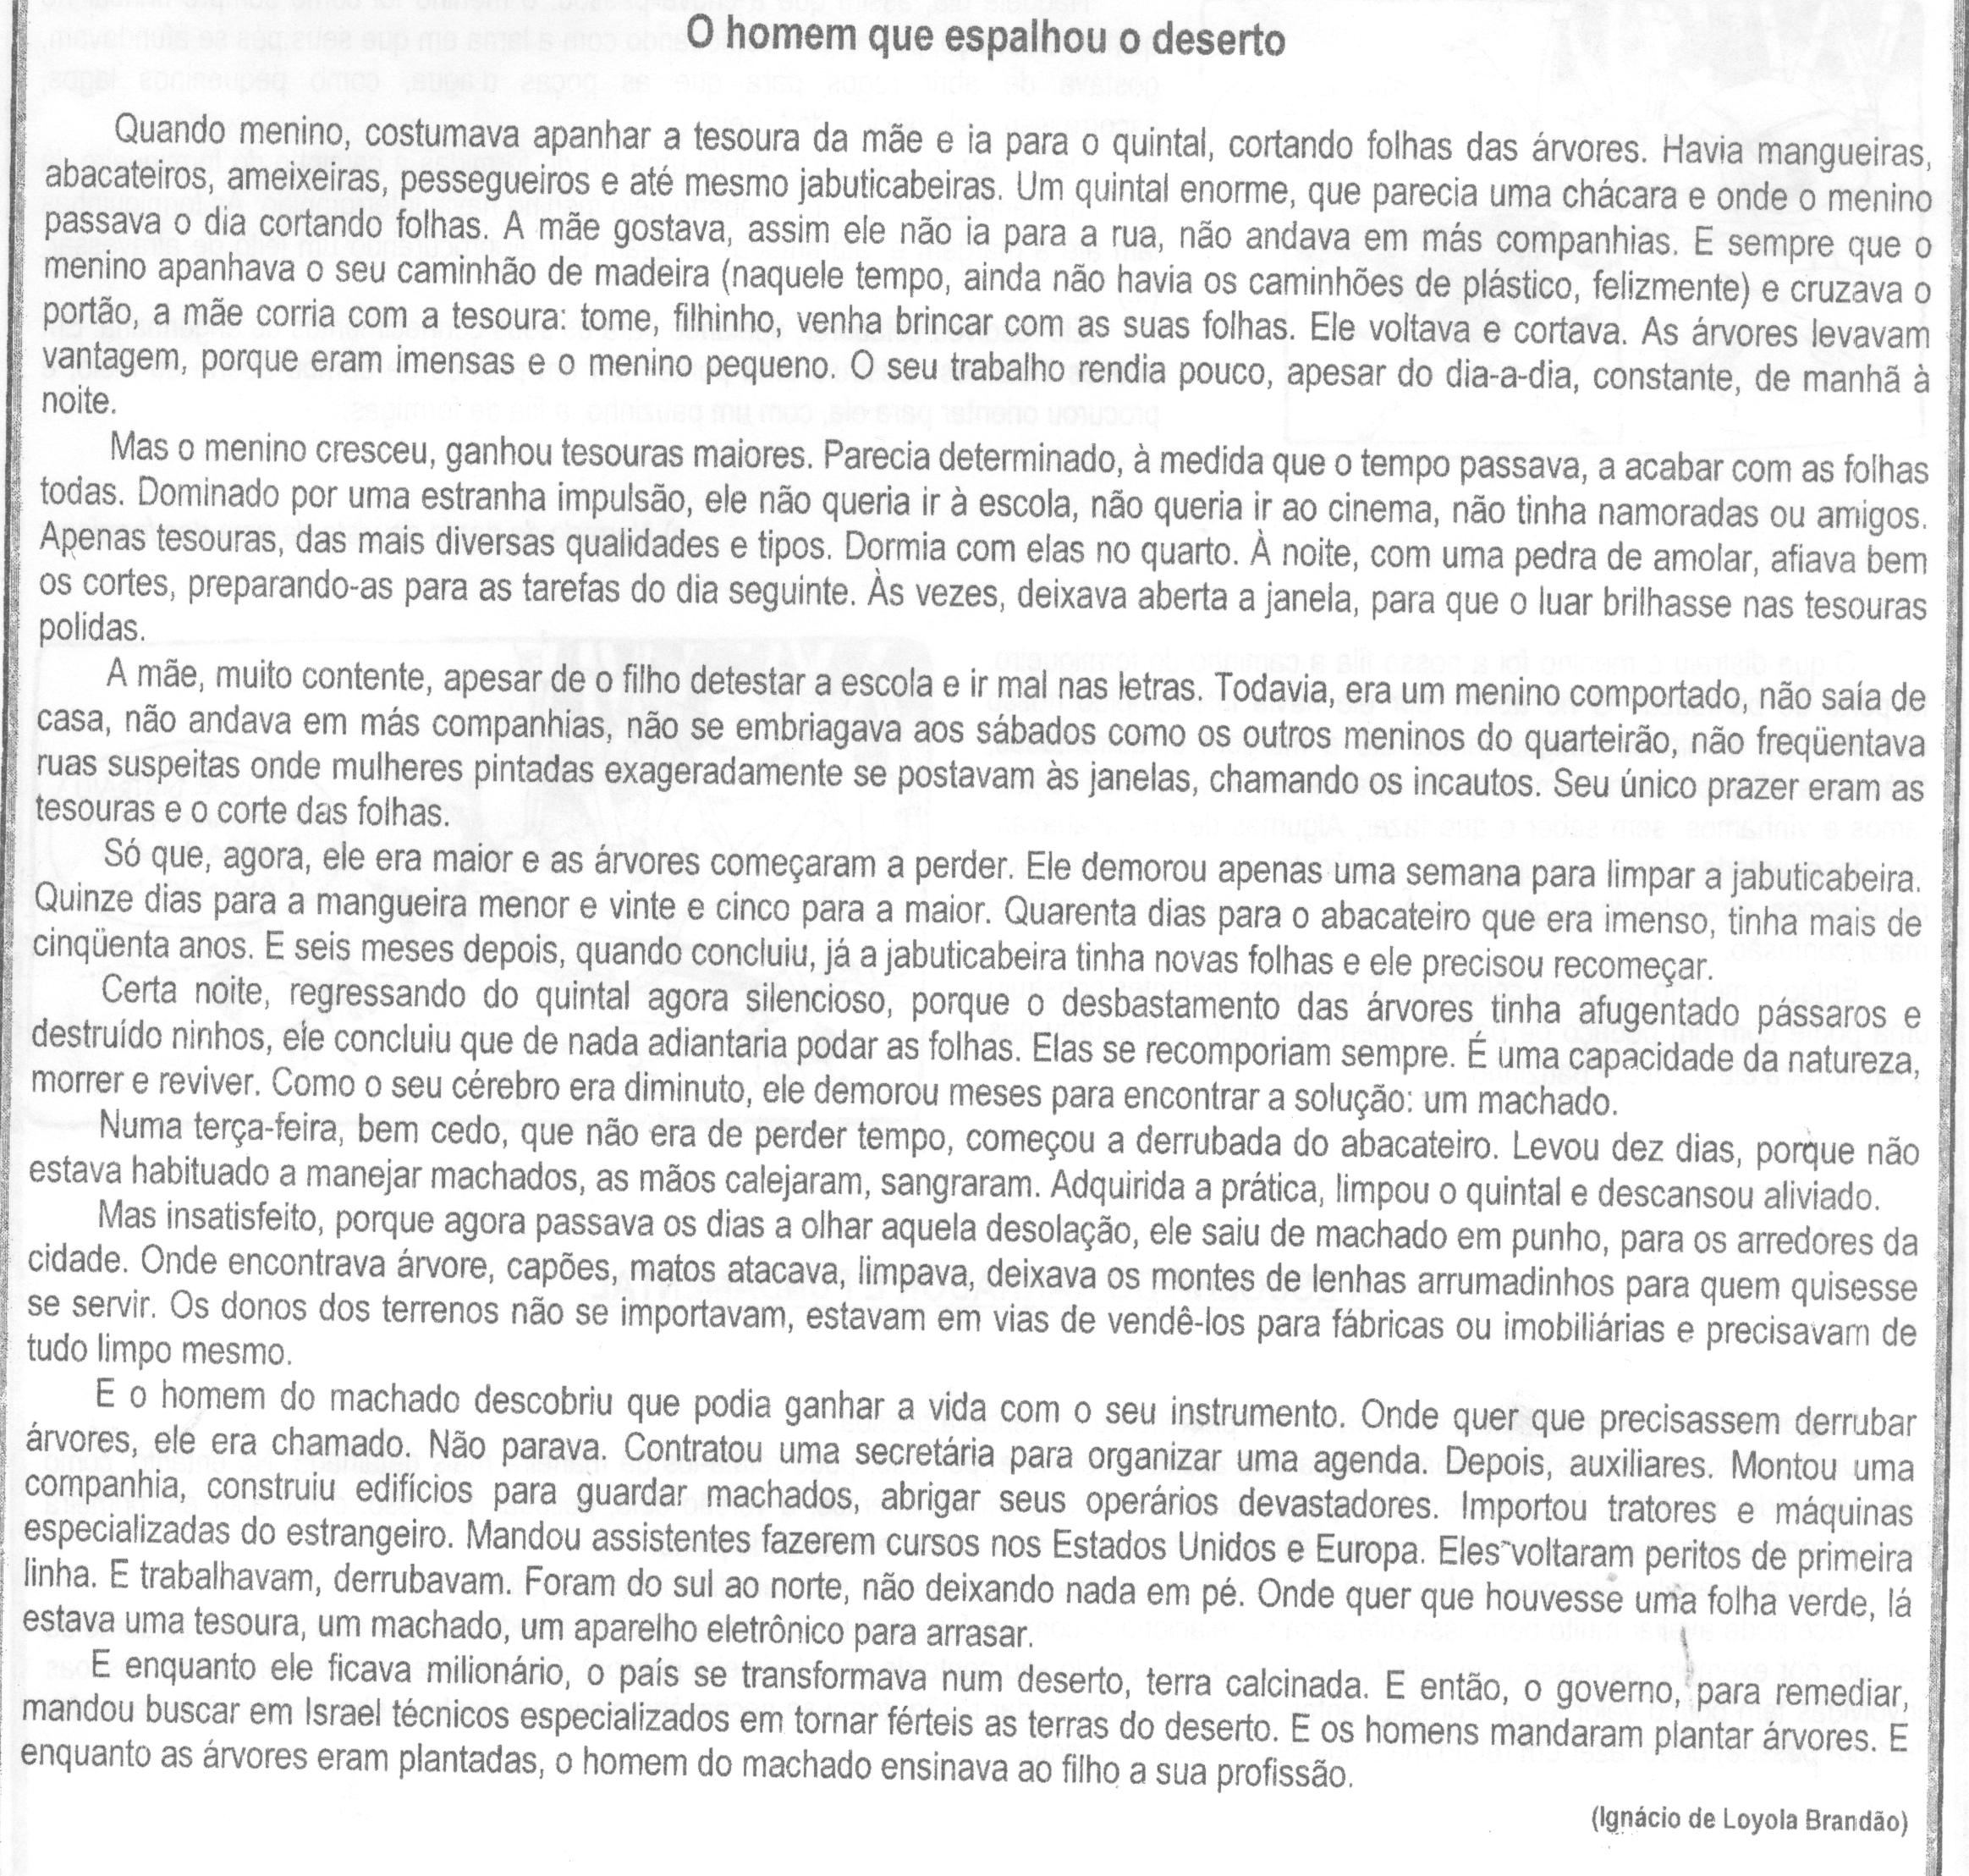 O homem que espalhou o deserto - Ignácio Loyola Brandão